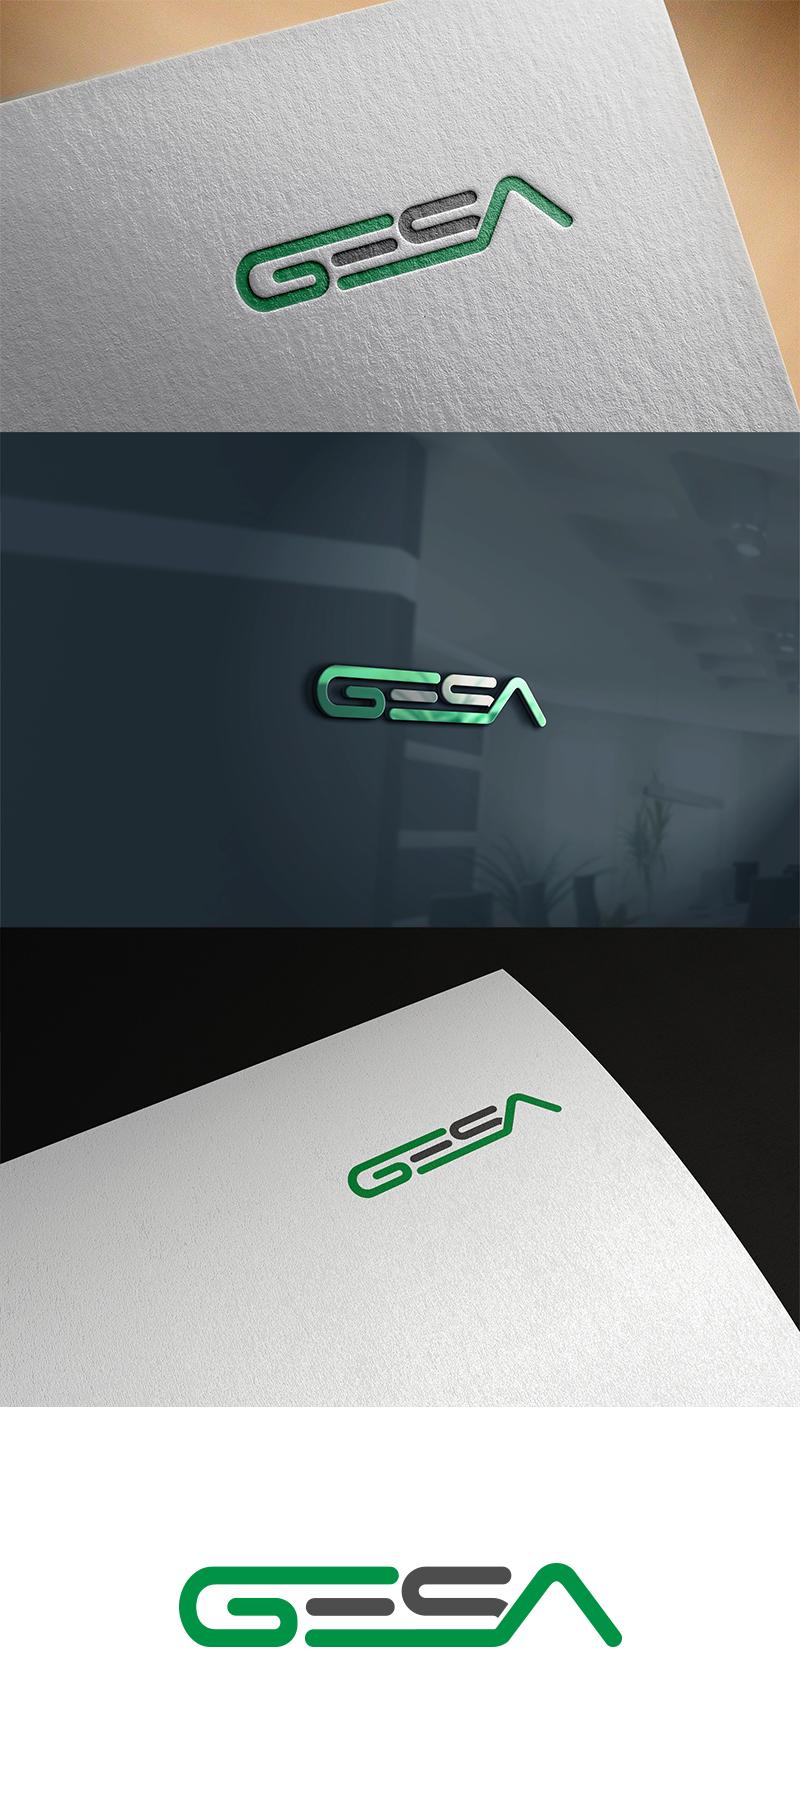 design #8 of YMIdesign